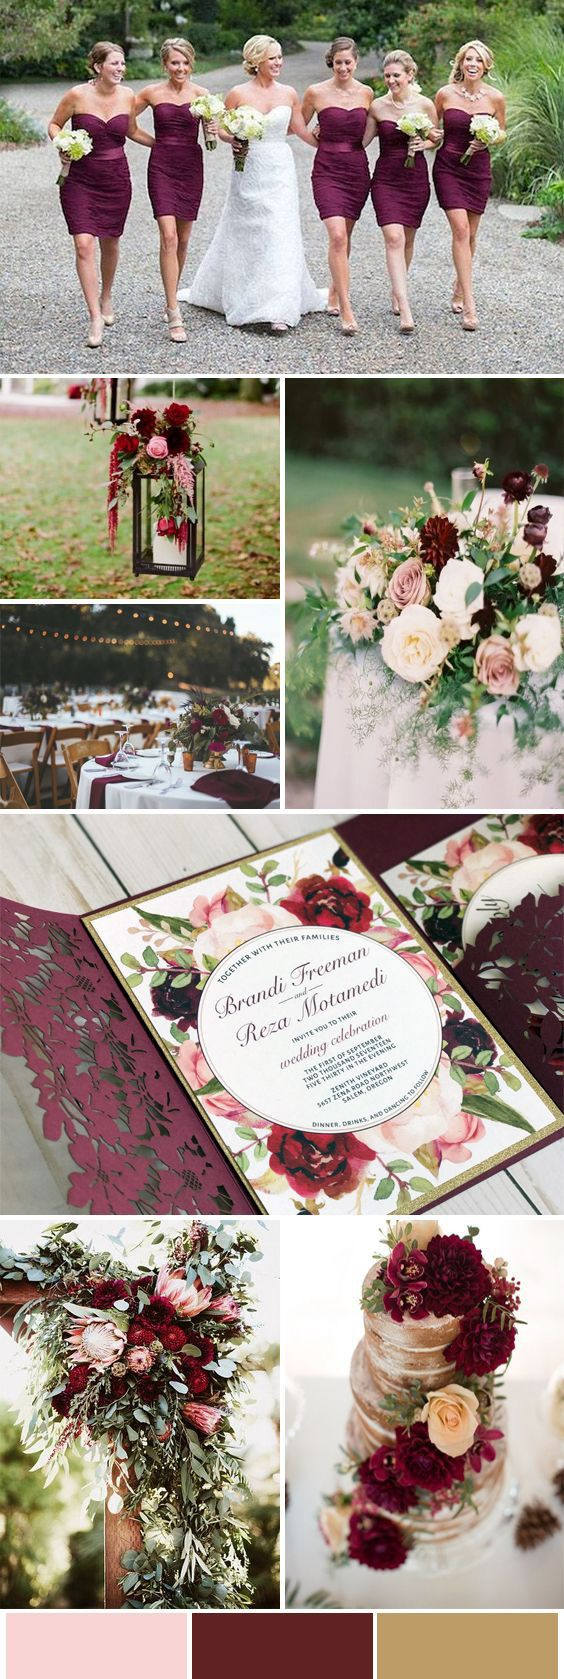 burgundy wedding inspo